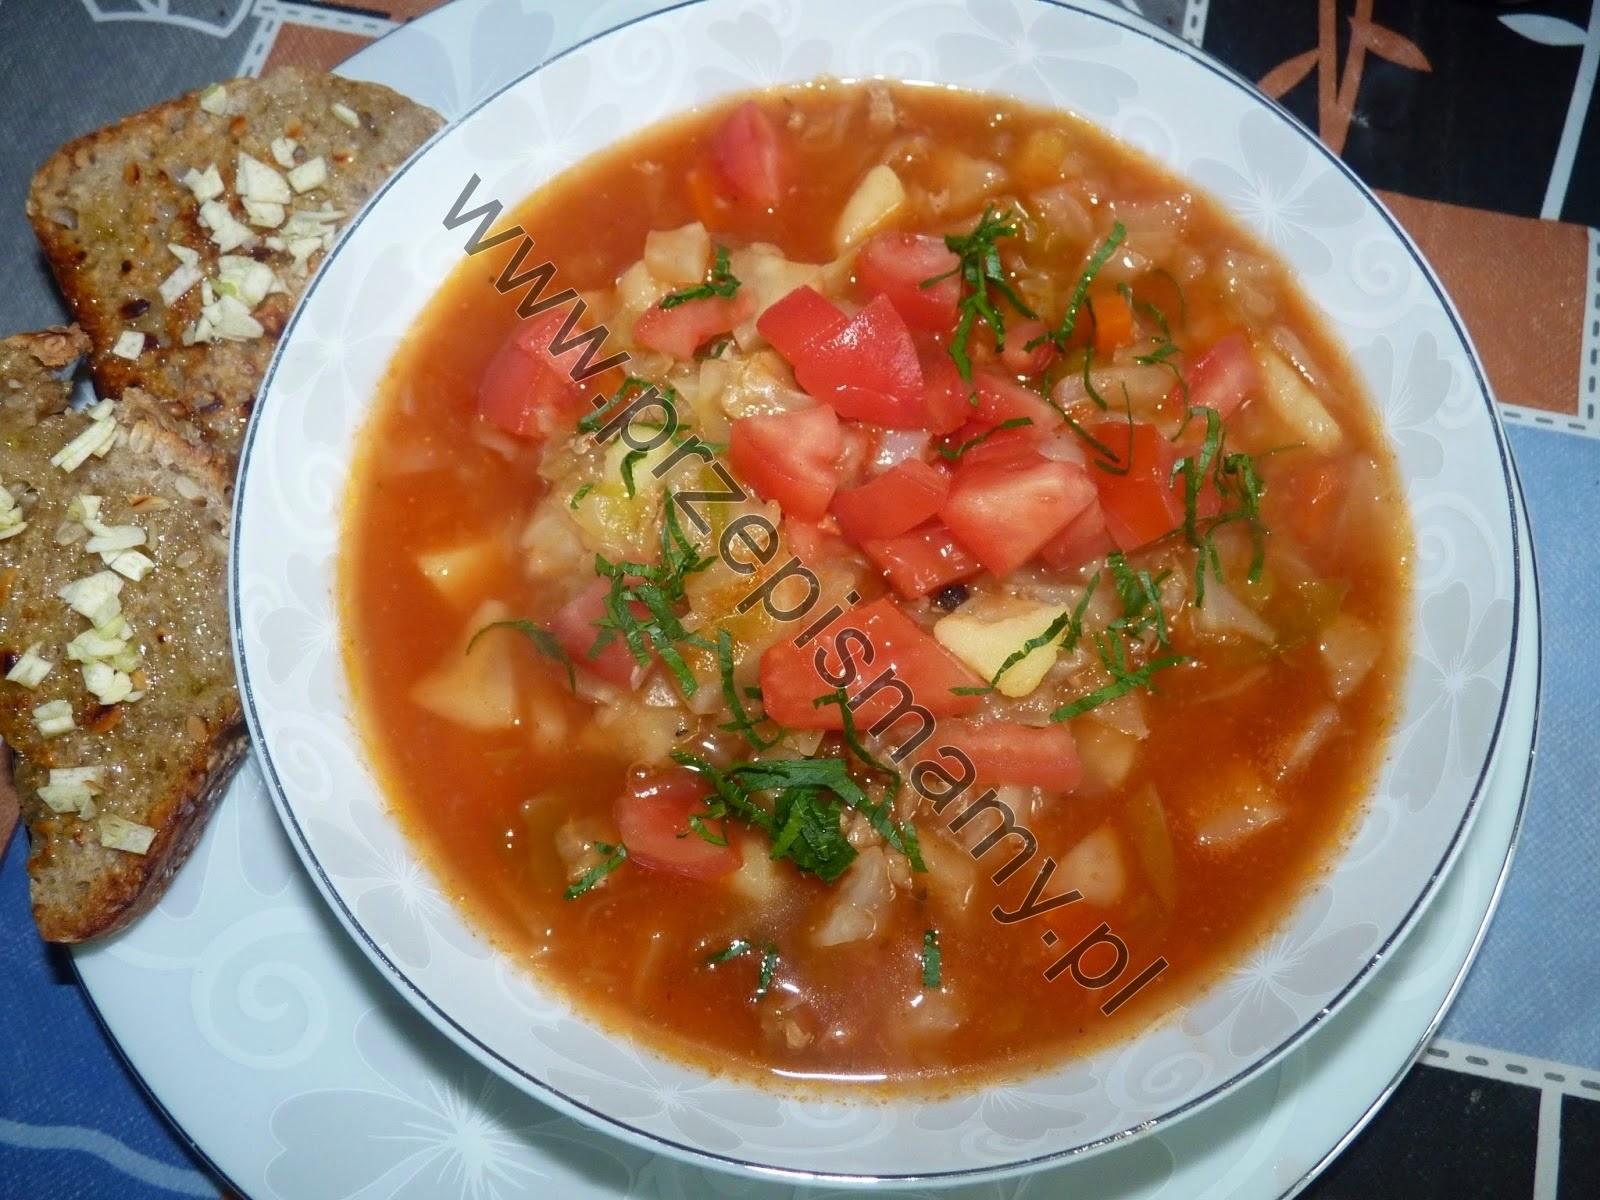 Kapuśniak z młodej kapusty z pomidorami